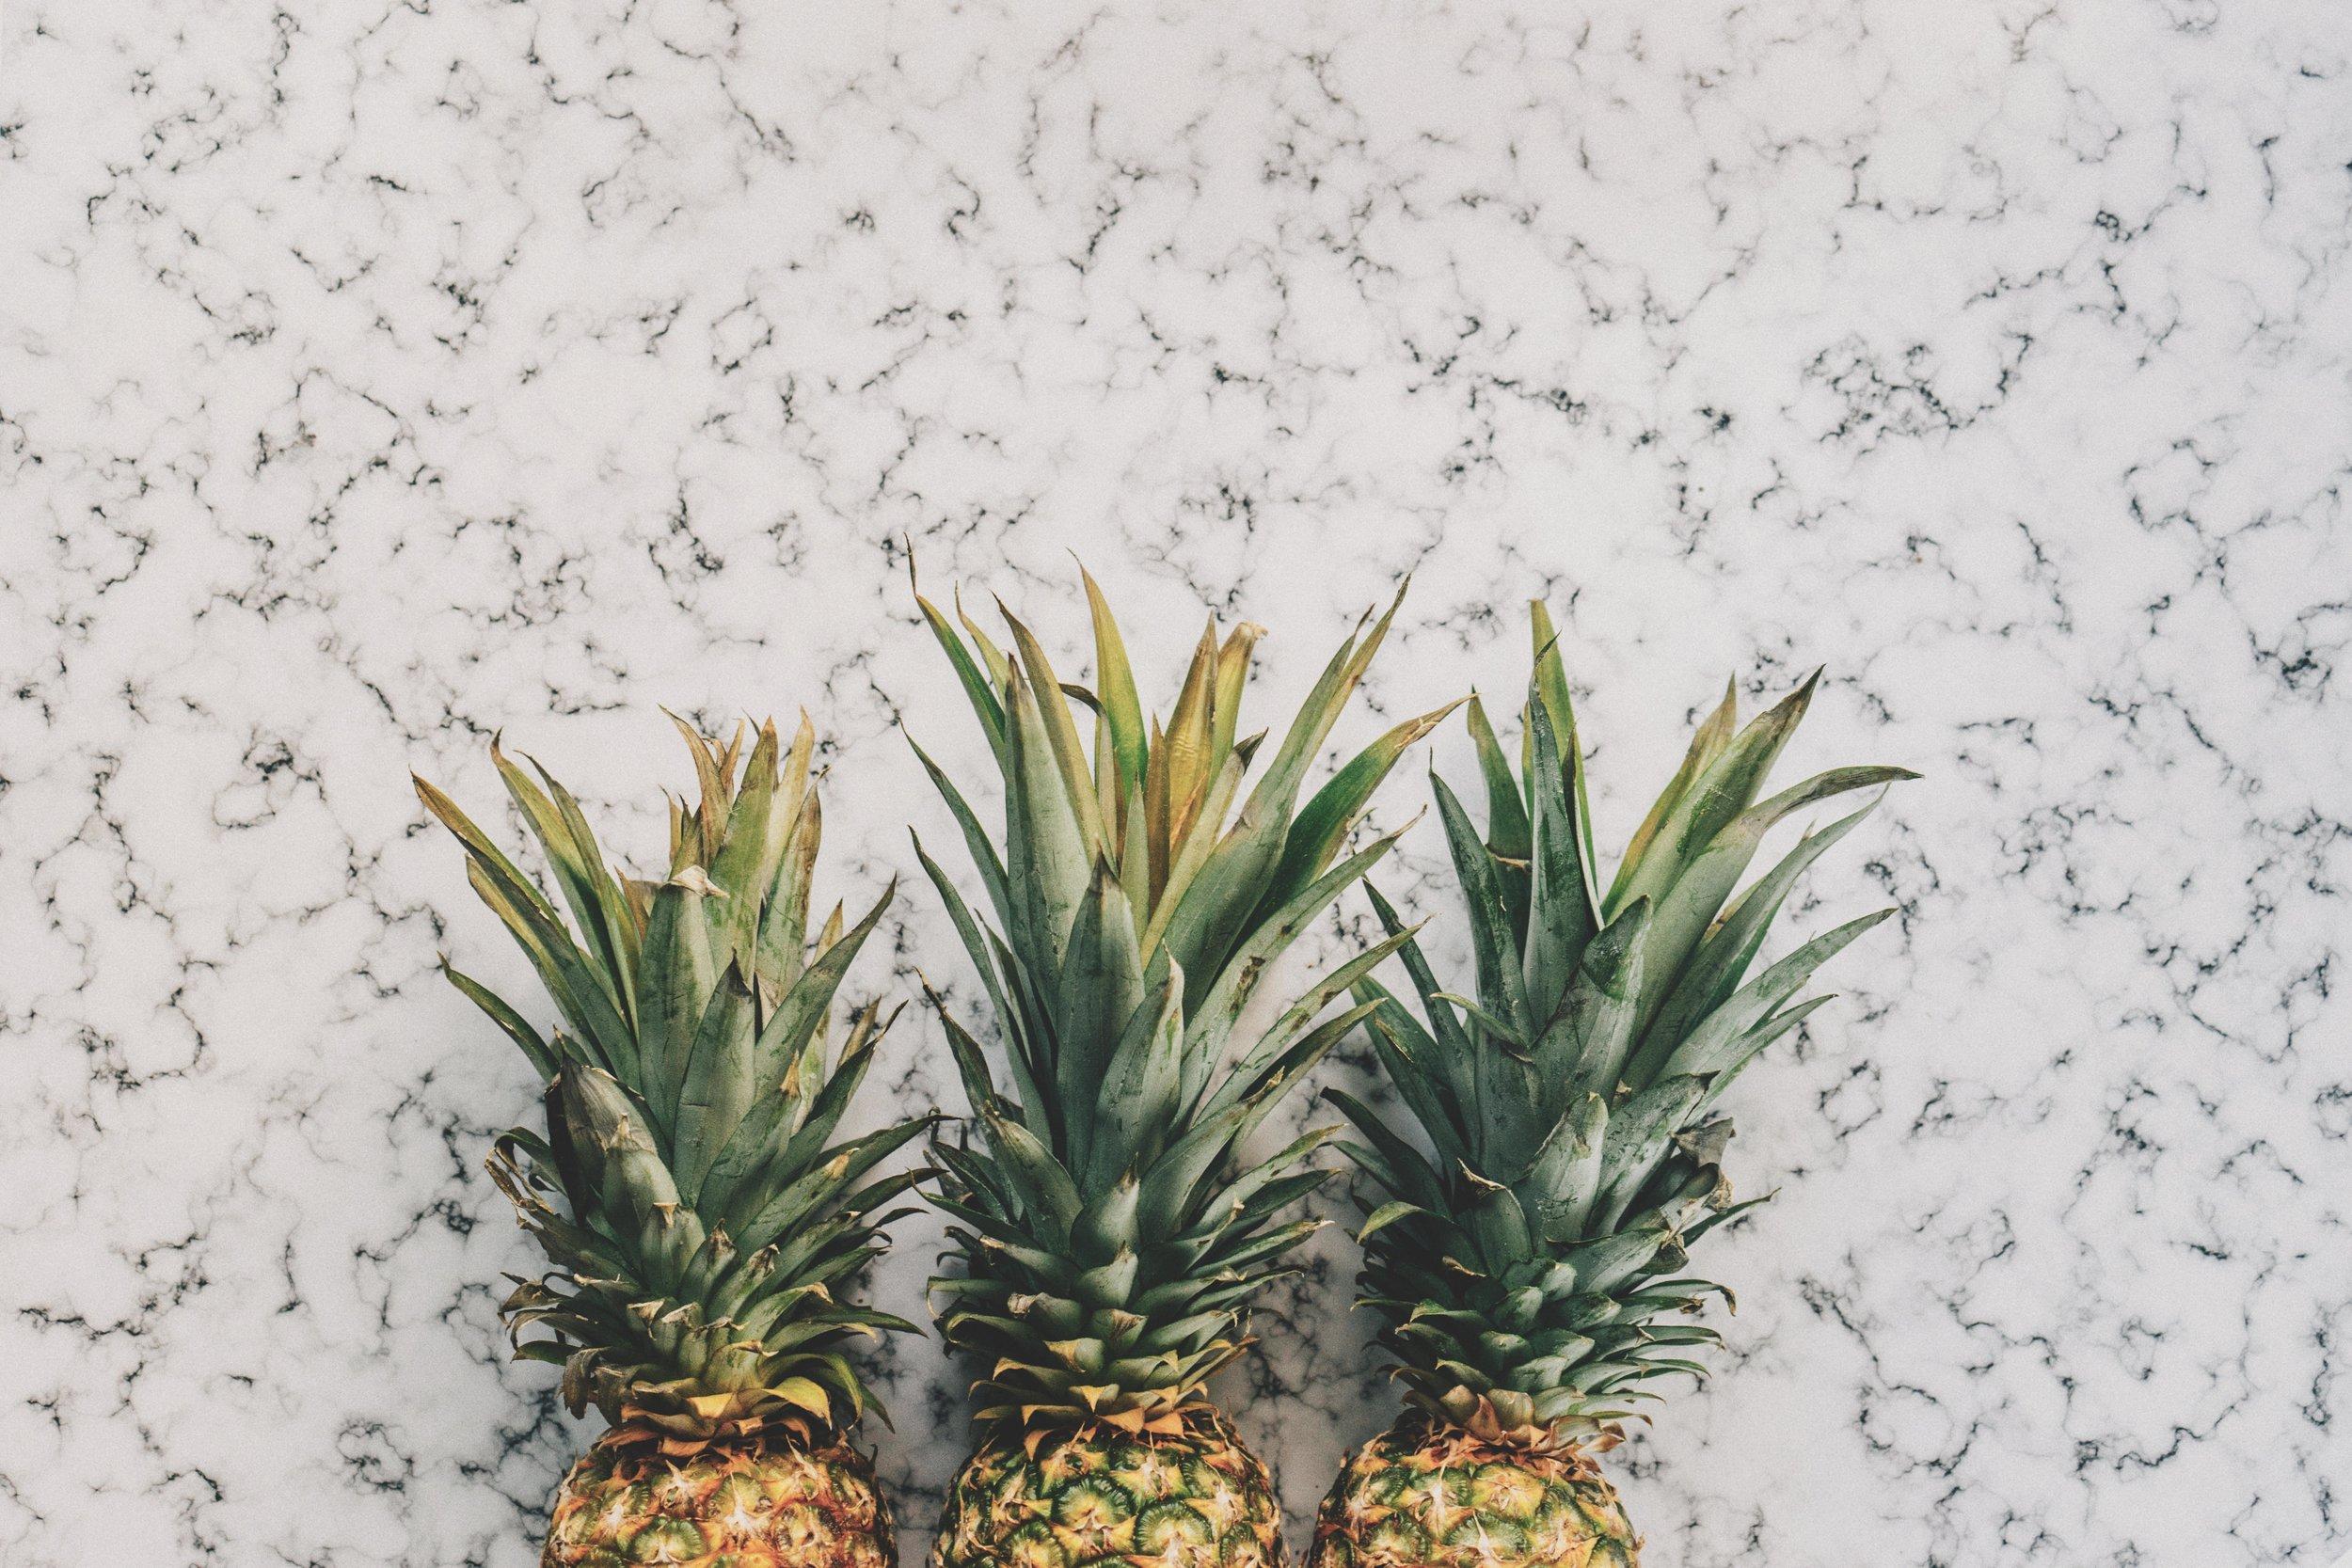 pineapples on marble .jpg